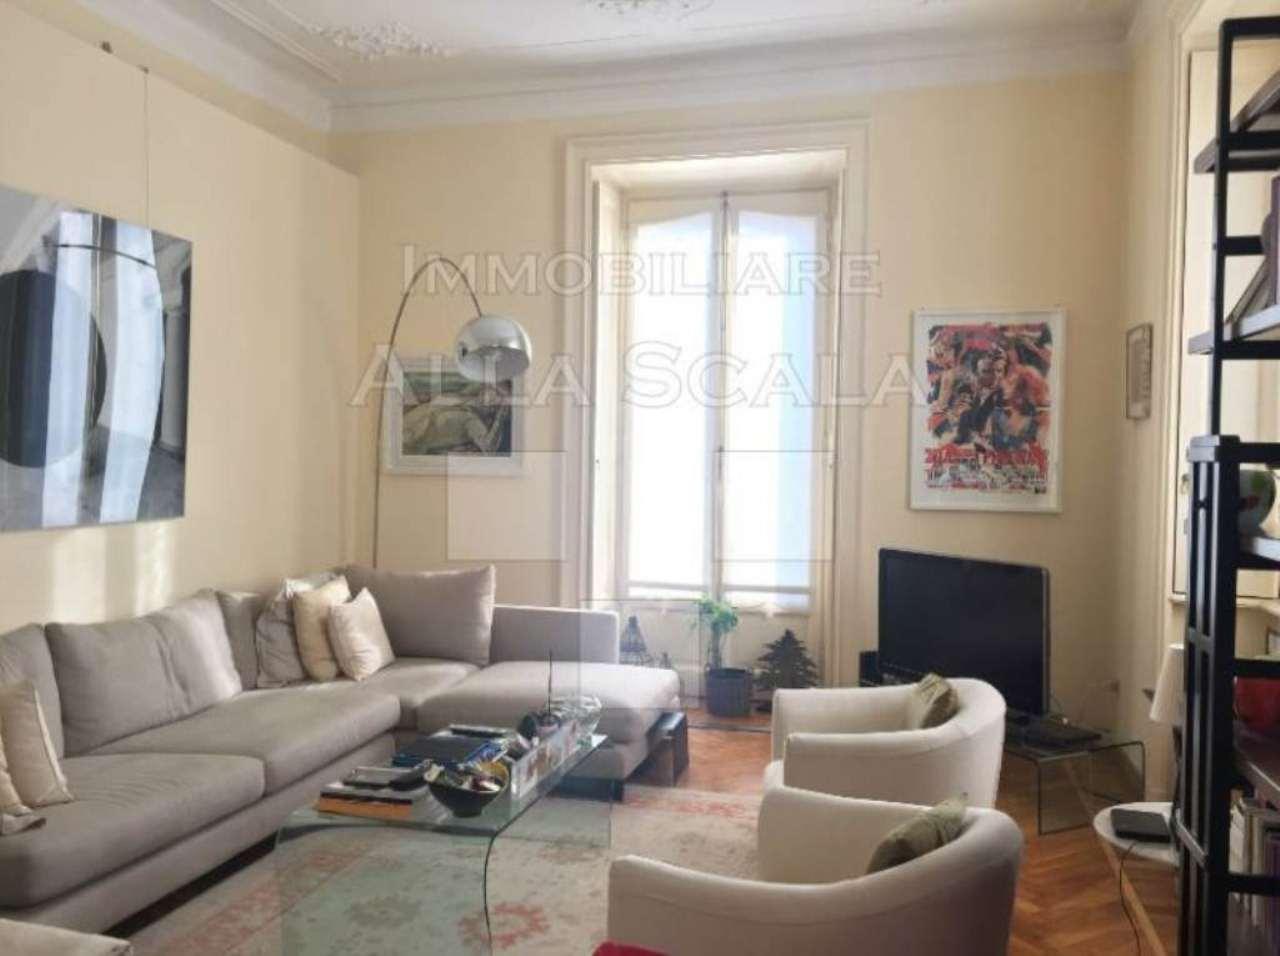 Appartamento in affitto a milano via petrarca trovocasa for Appartamento design affitto milano